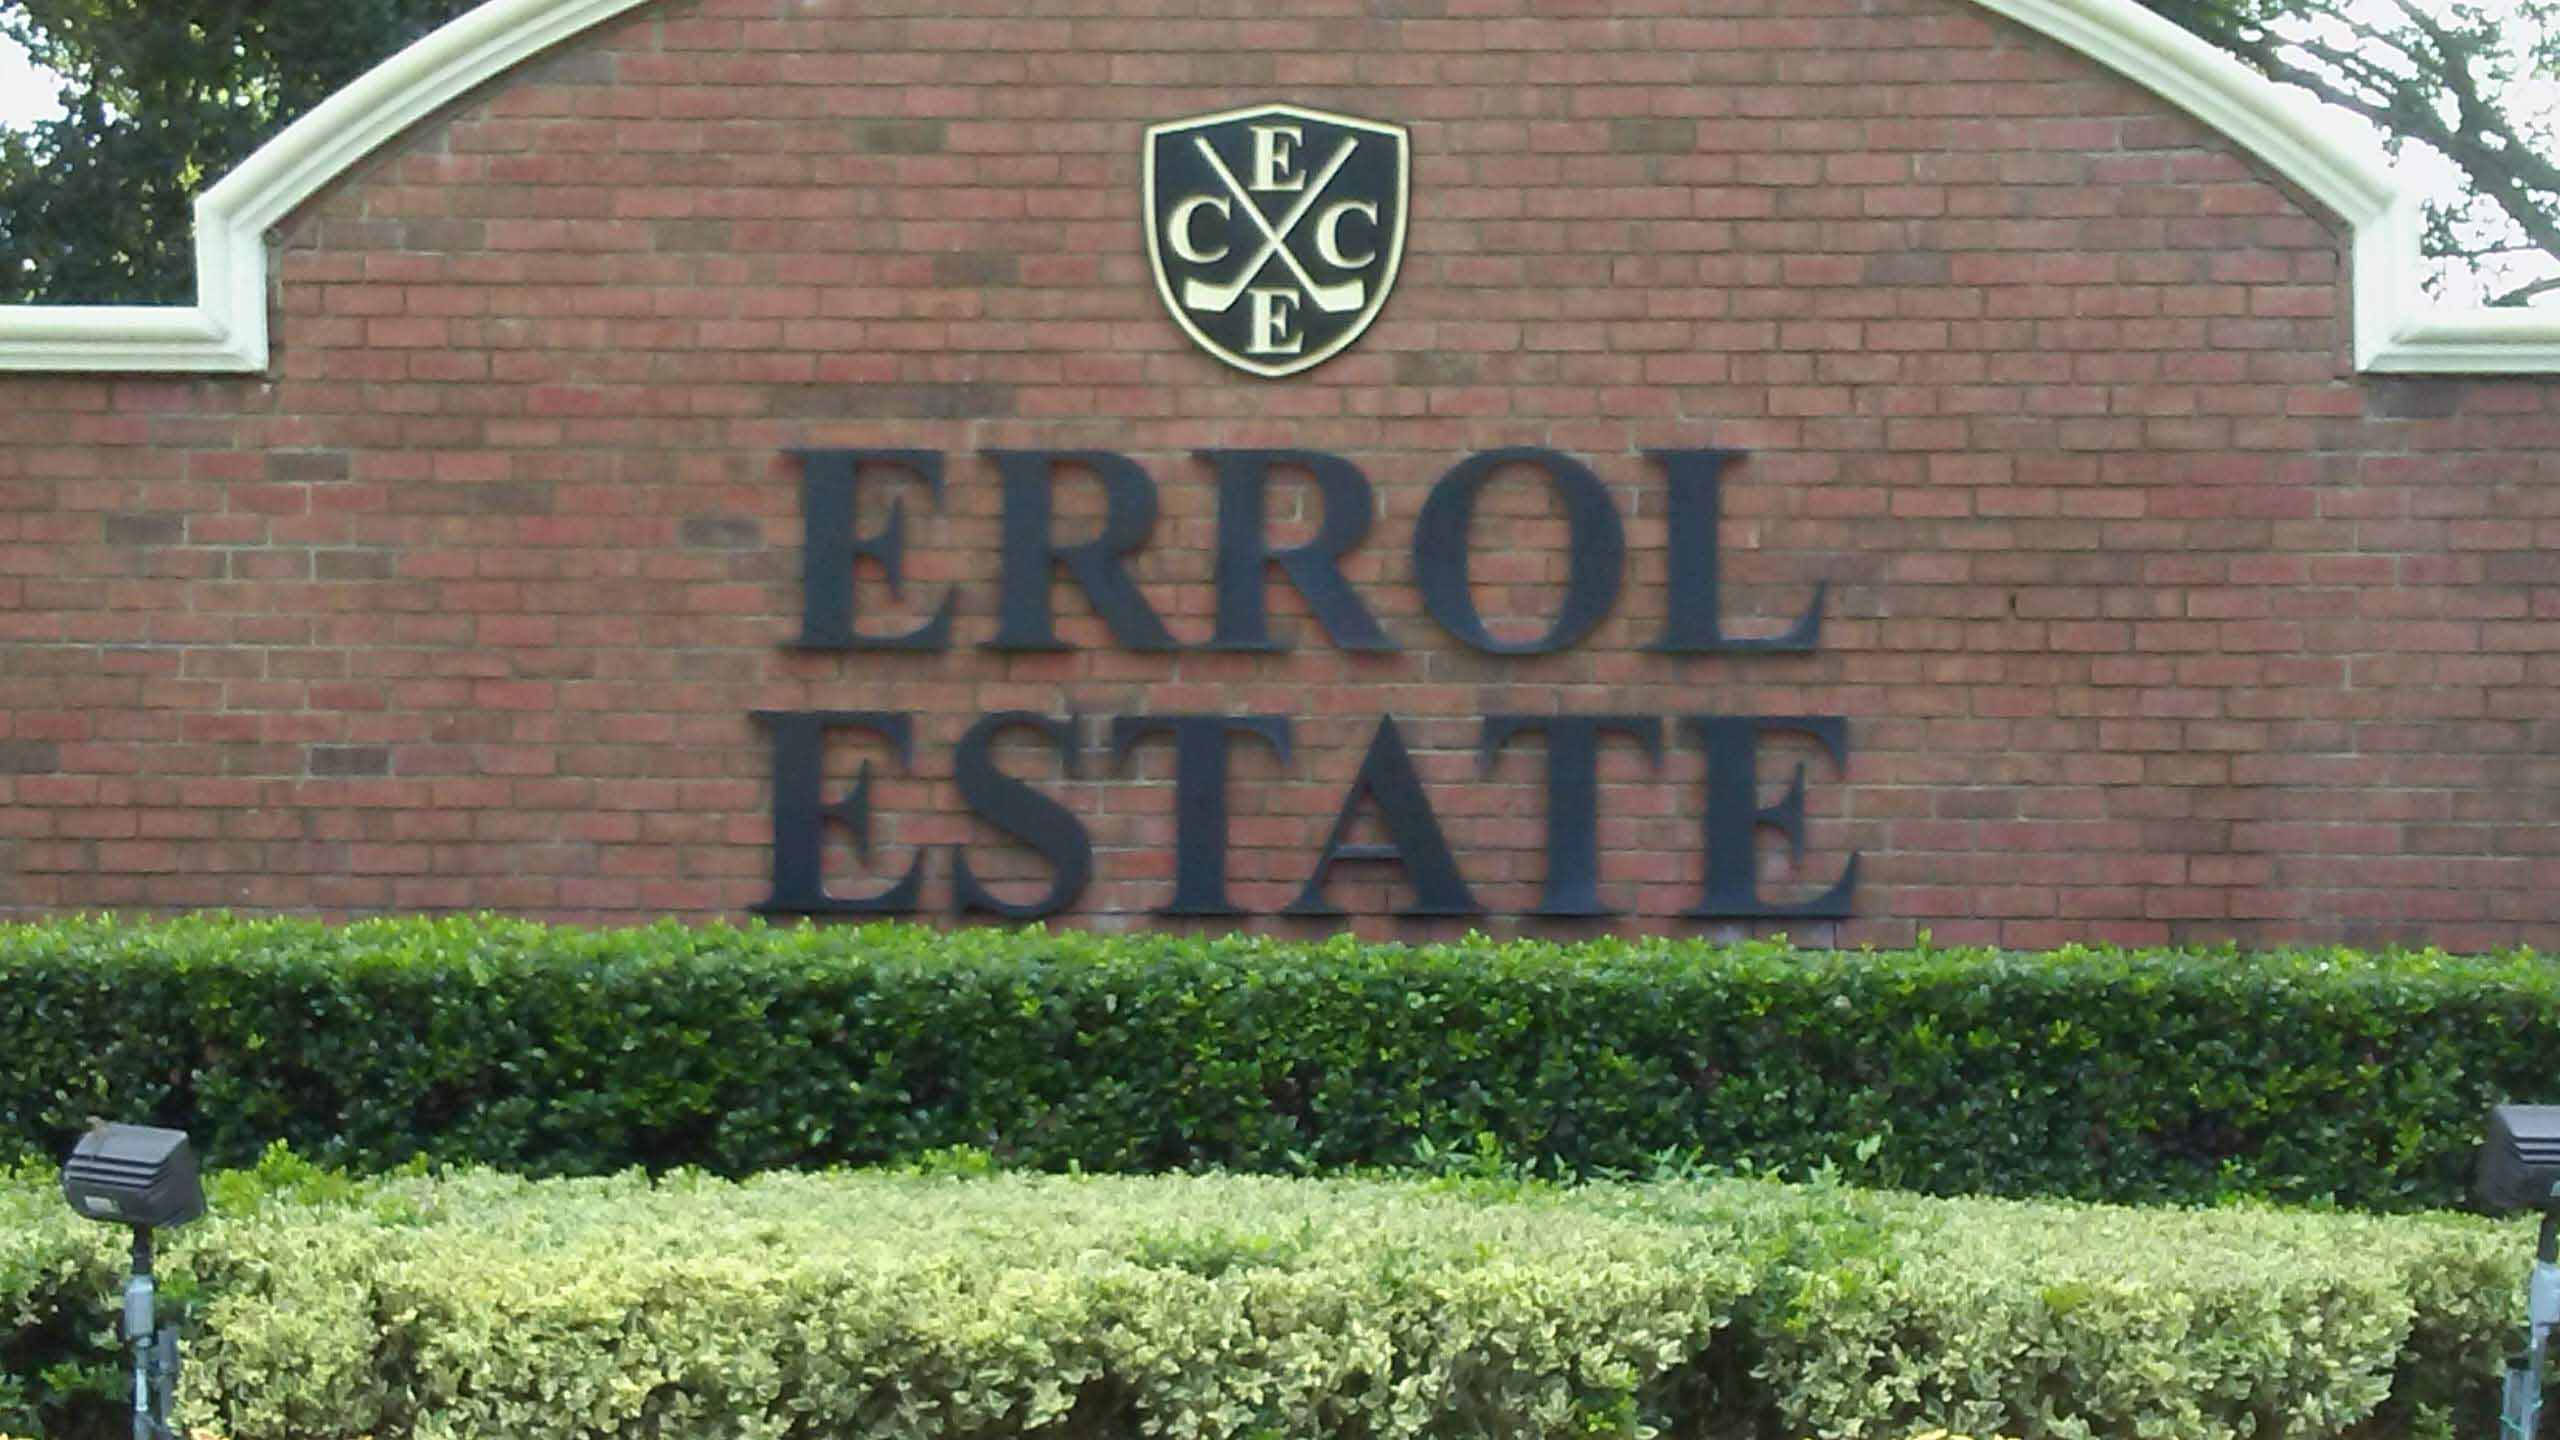 Errol Estate, Apopka, Florida 32712